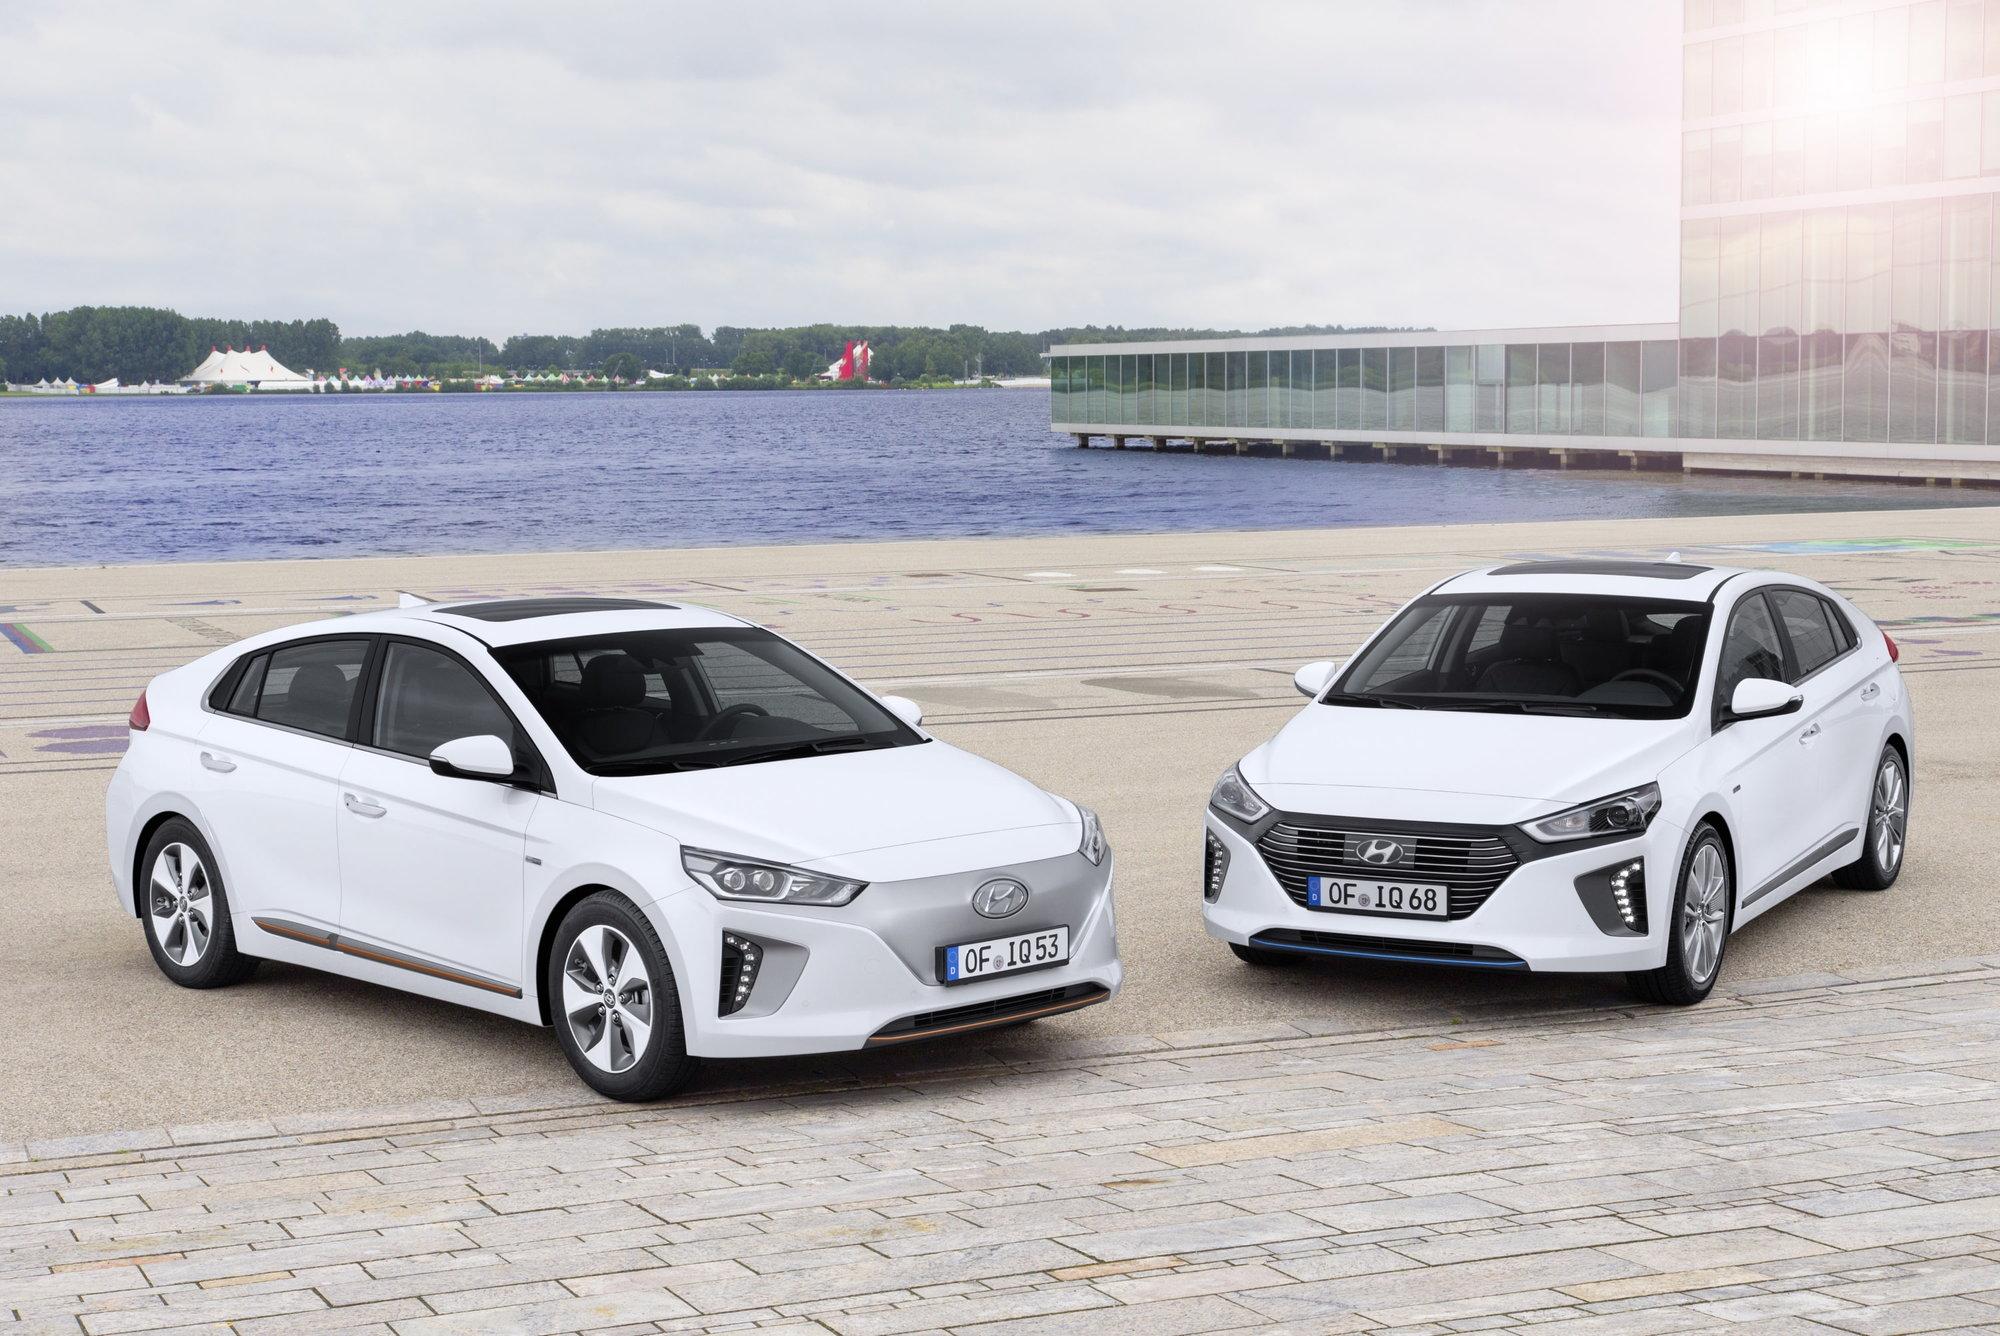 Němci zvolili Hyundai nejinovativnější značkou roku 2018, ...